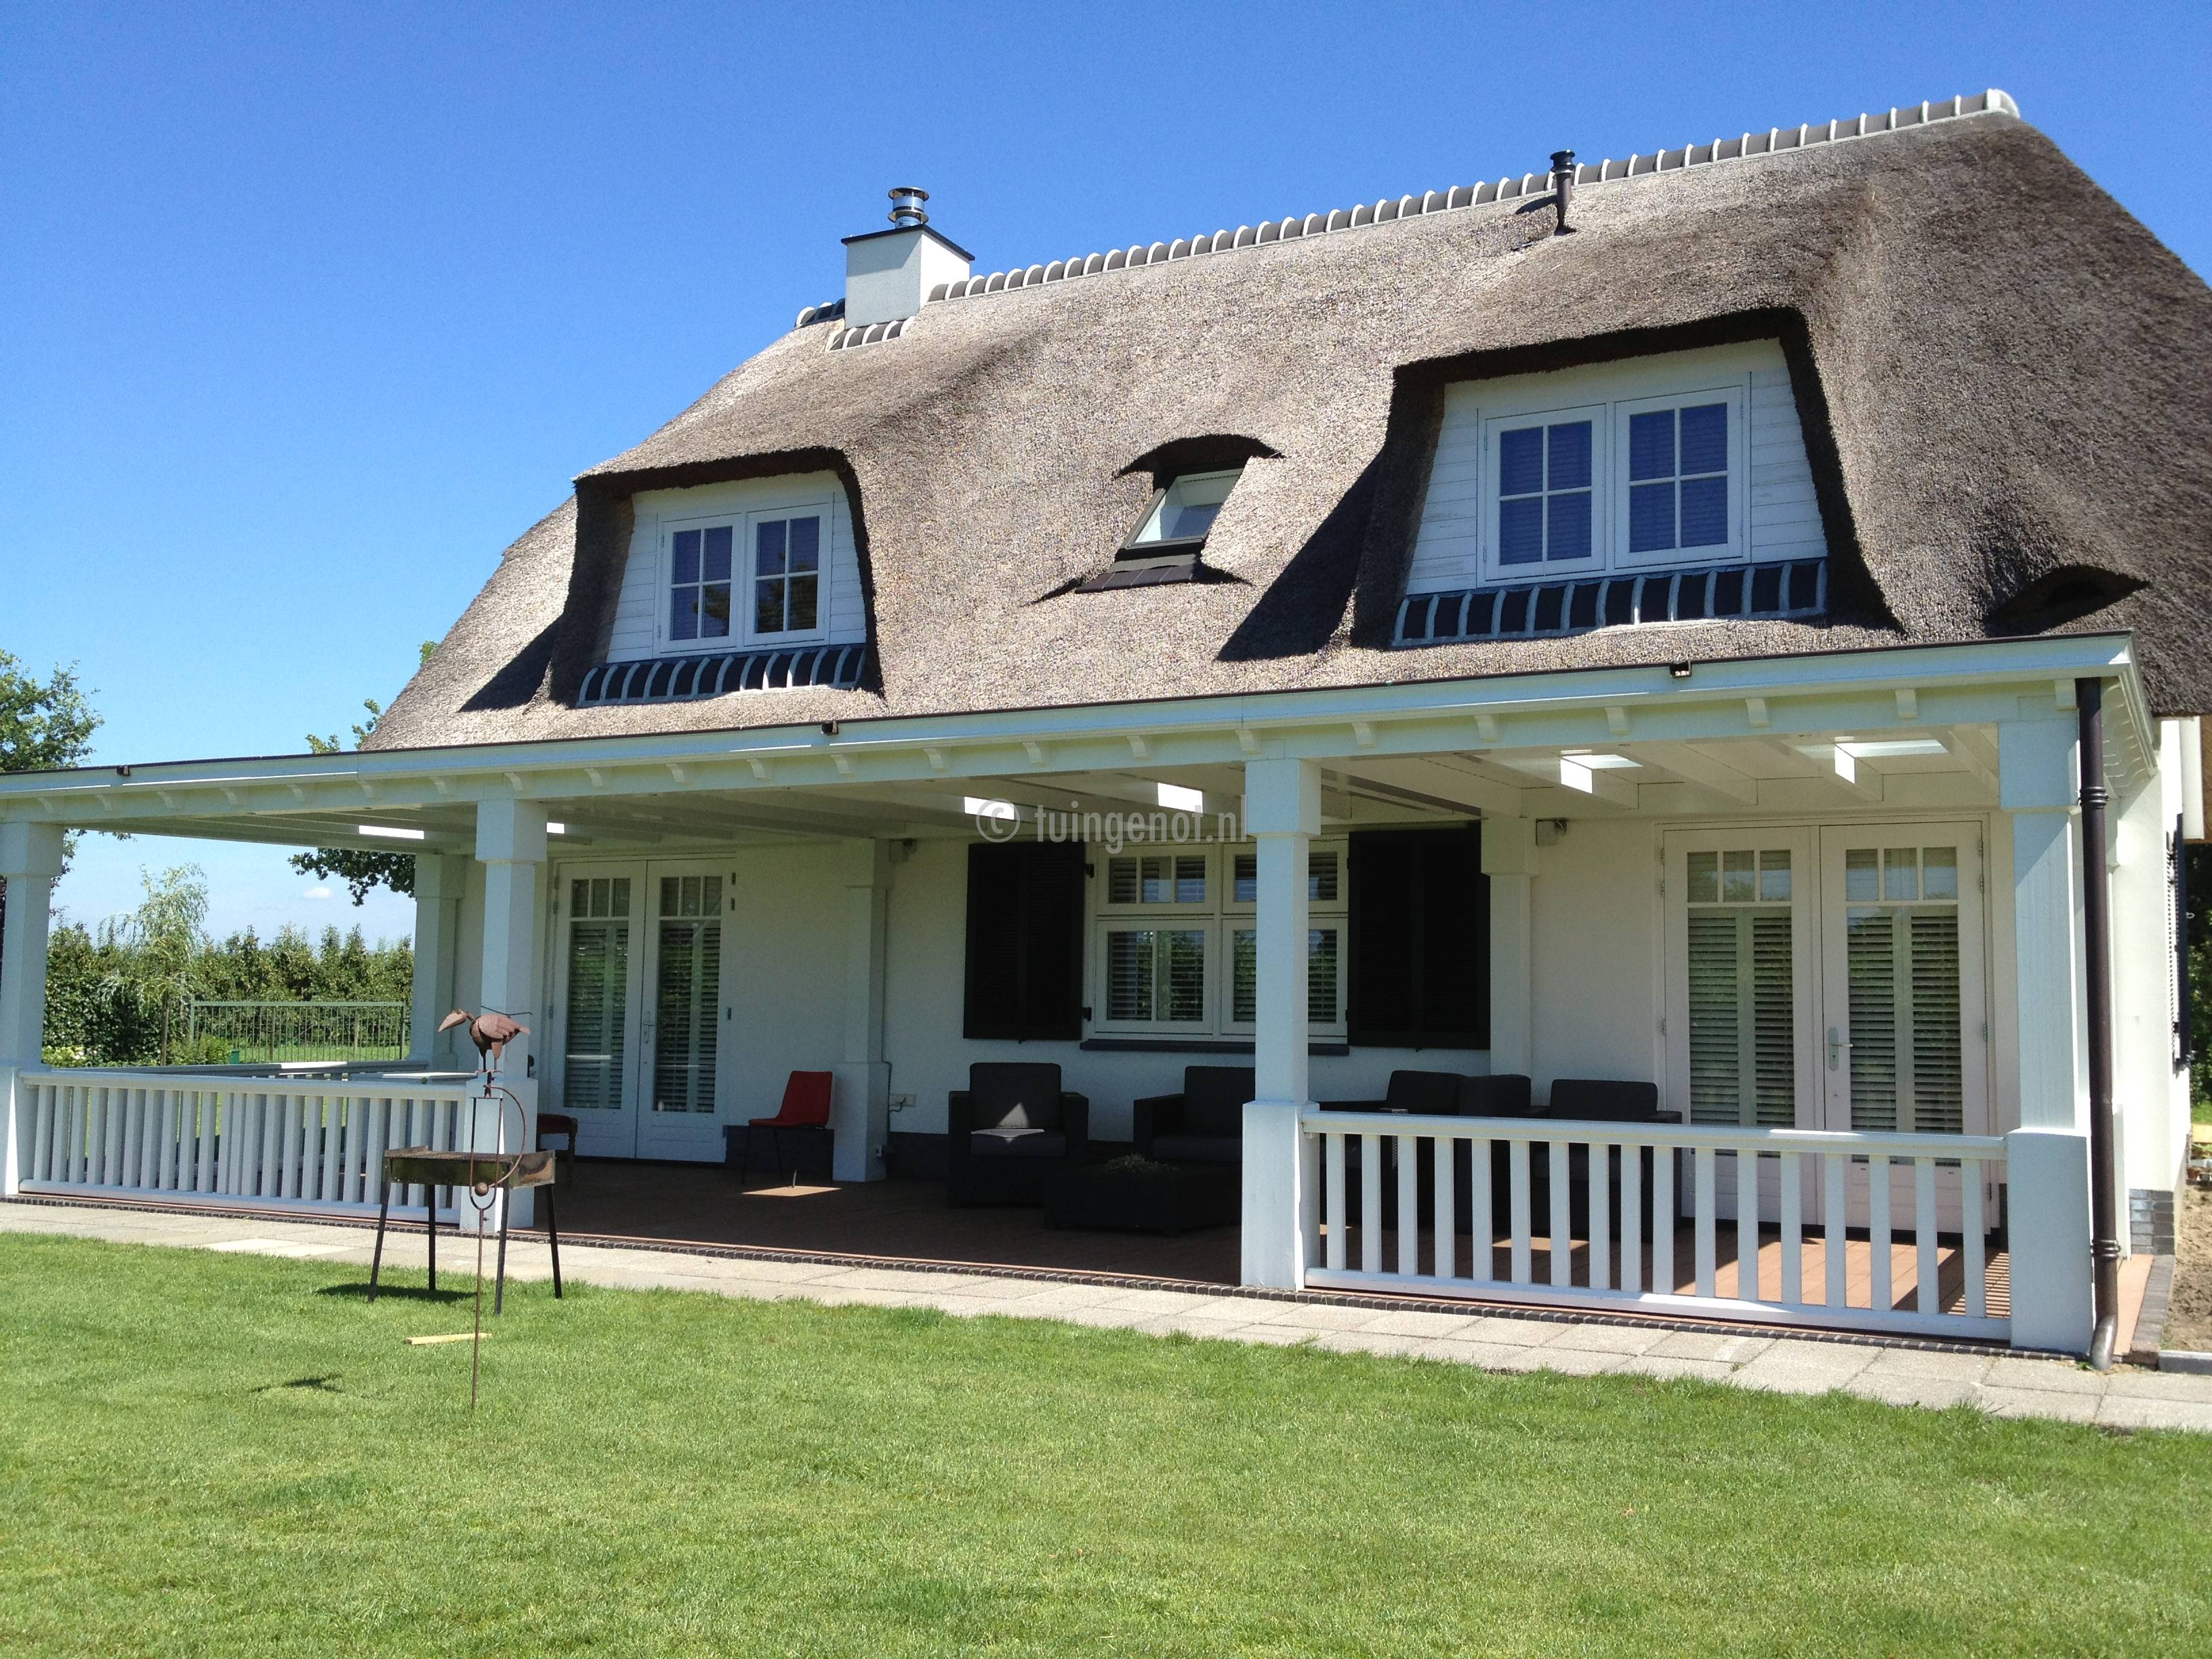 Tuingenot veranda en overkapping zowel van hout als van aluminium - Uitbreiding veranda ...